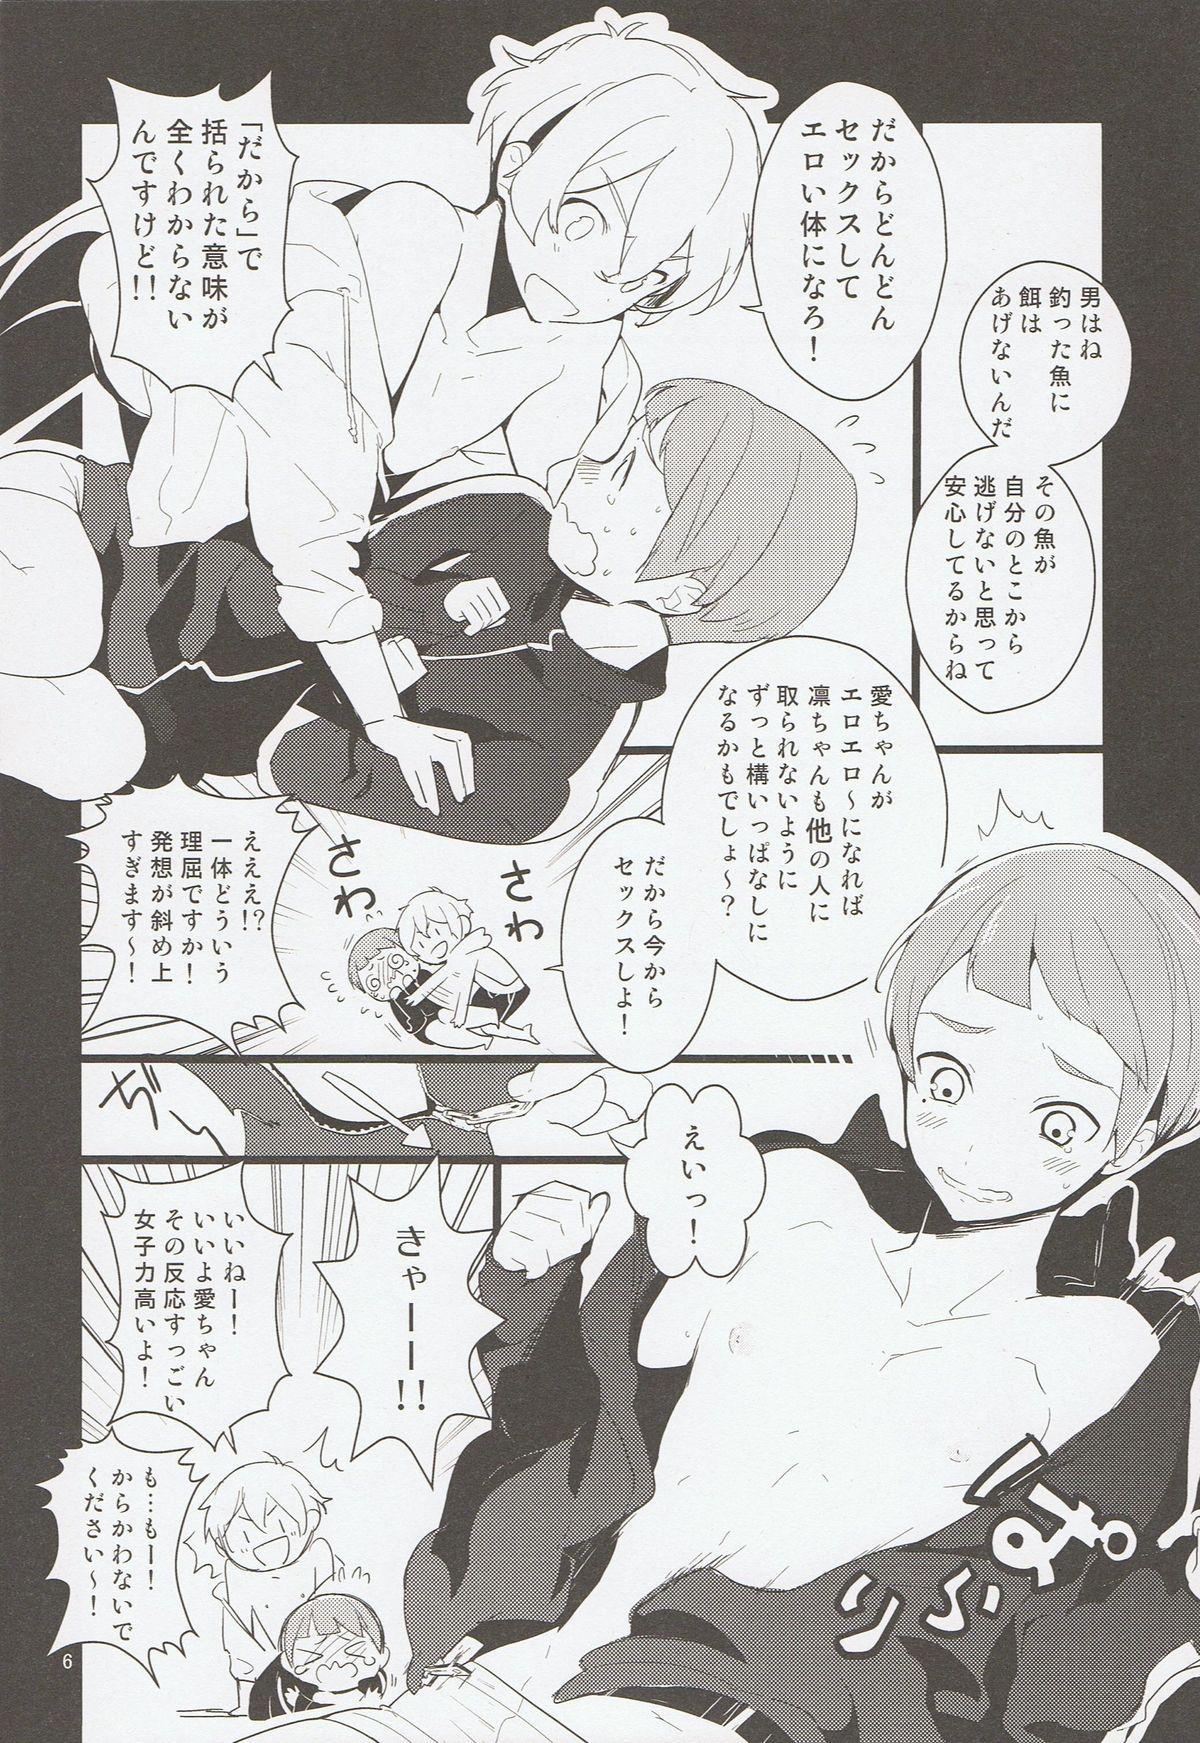 (C86) [MERYx3 (Numeri)] Nagisa-kun to Nitori-kun wo Muriyari Karamaseta Hon (Free!) 4